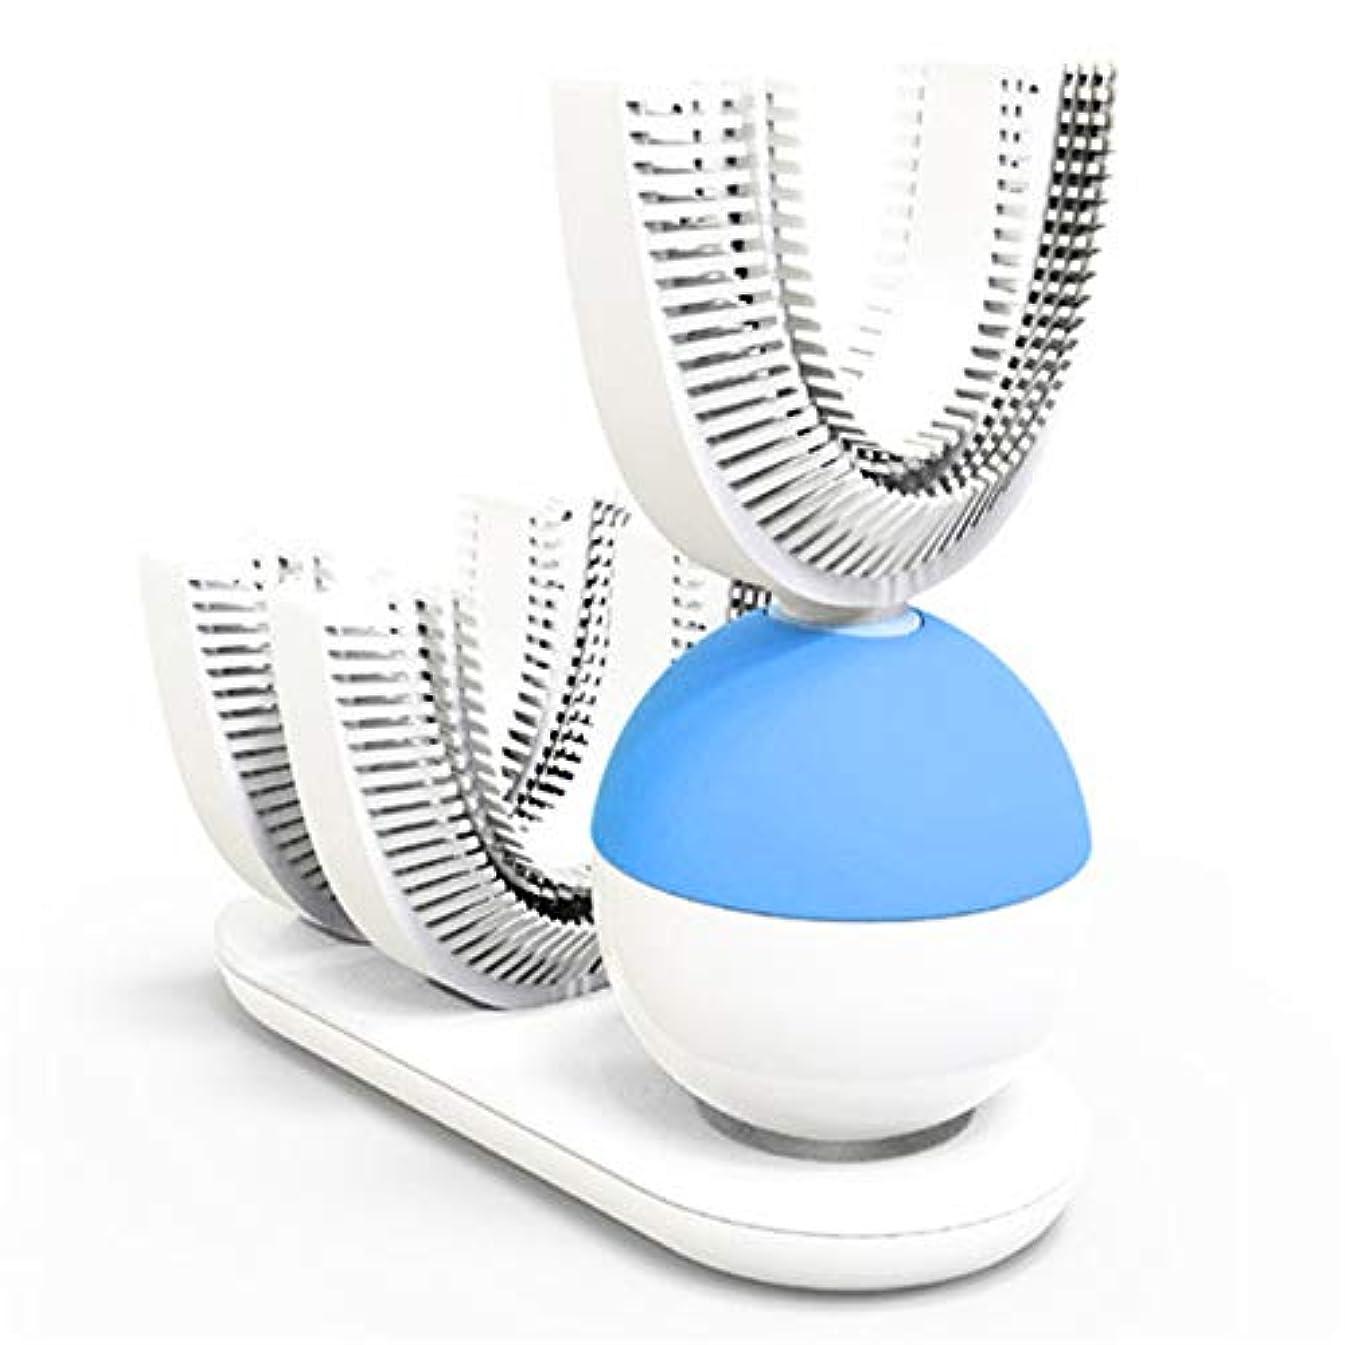 羊敗北弱まる電動歯ブラシ 自動歯ブラシ U型 360°全方位 超音波 怠け者歯ブラシ ワイヤレス充電 歯ブラシヘッド付き